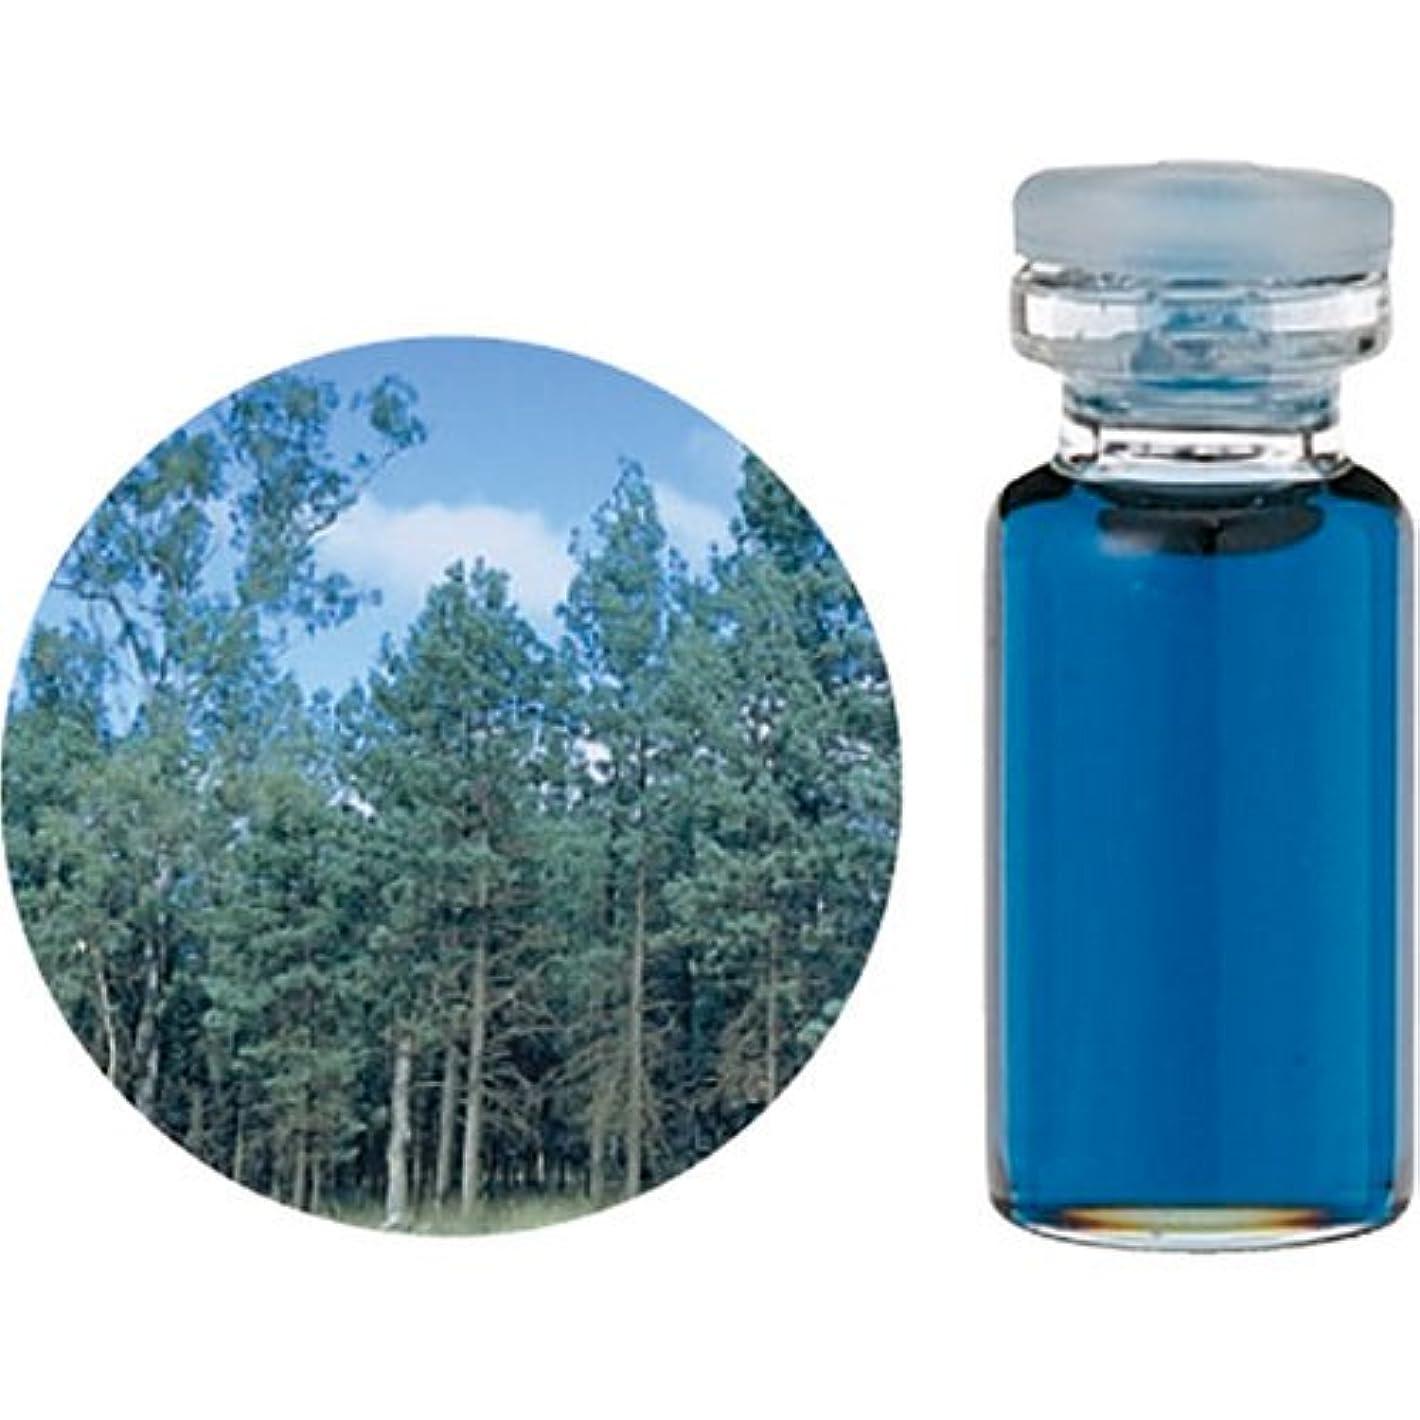 器用無意味南西生活の木 C ブルー サイプレス エッセンシャルオイル 10ml